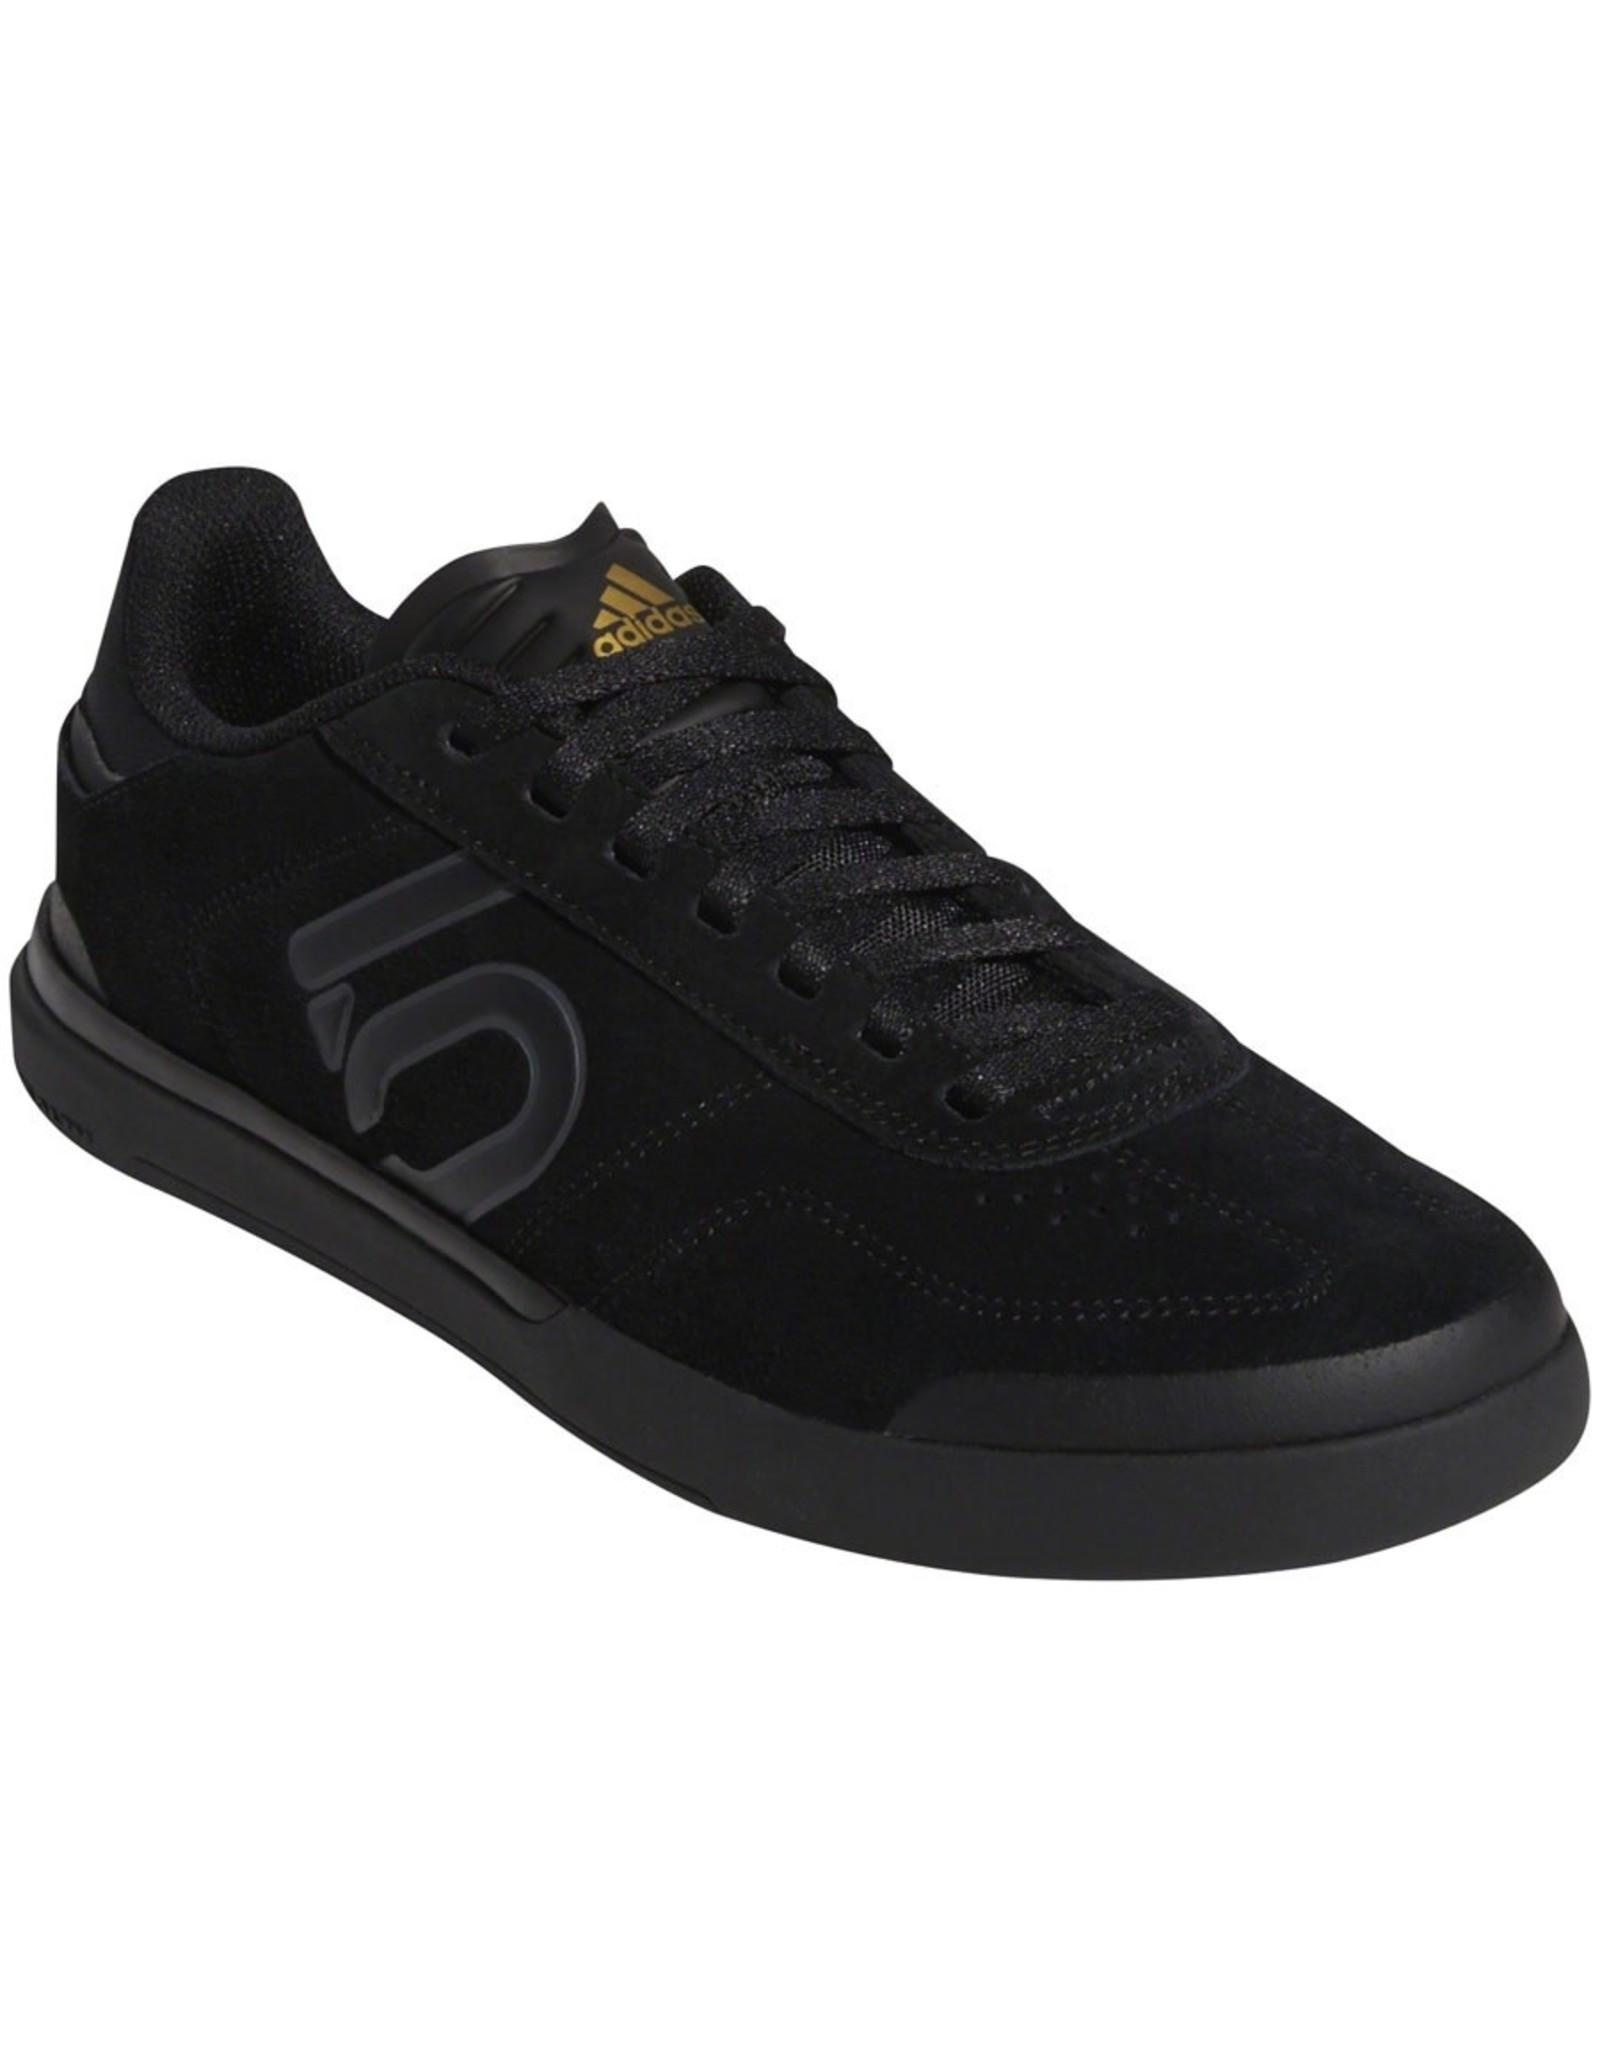 Five Ten Five Ten Sleuth DLX Women's Flat Shoe: Black/Gray Six/Matte Gold 8